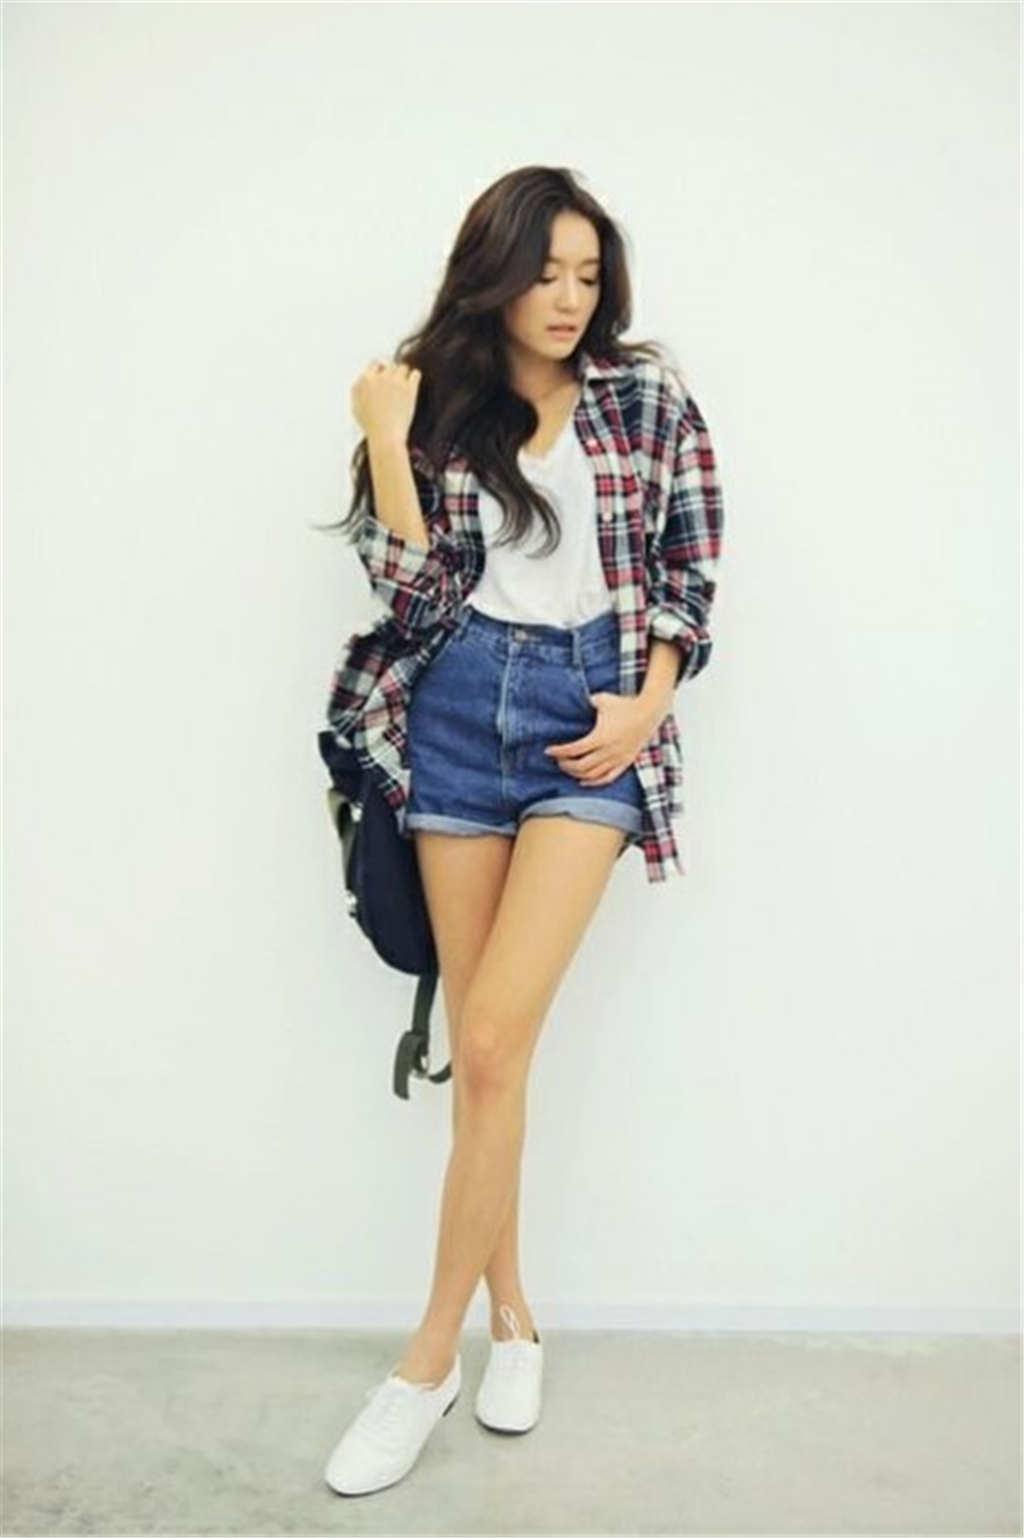 牛仔短裤背包女生时尚图片(点击浏览下一张趣图)